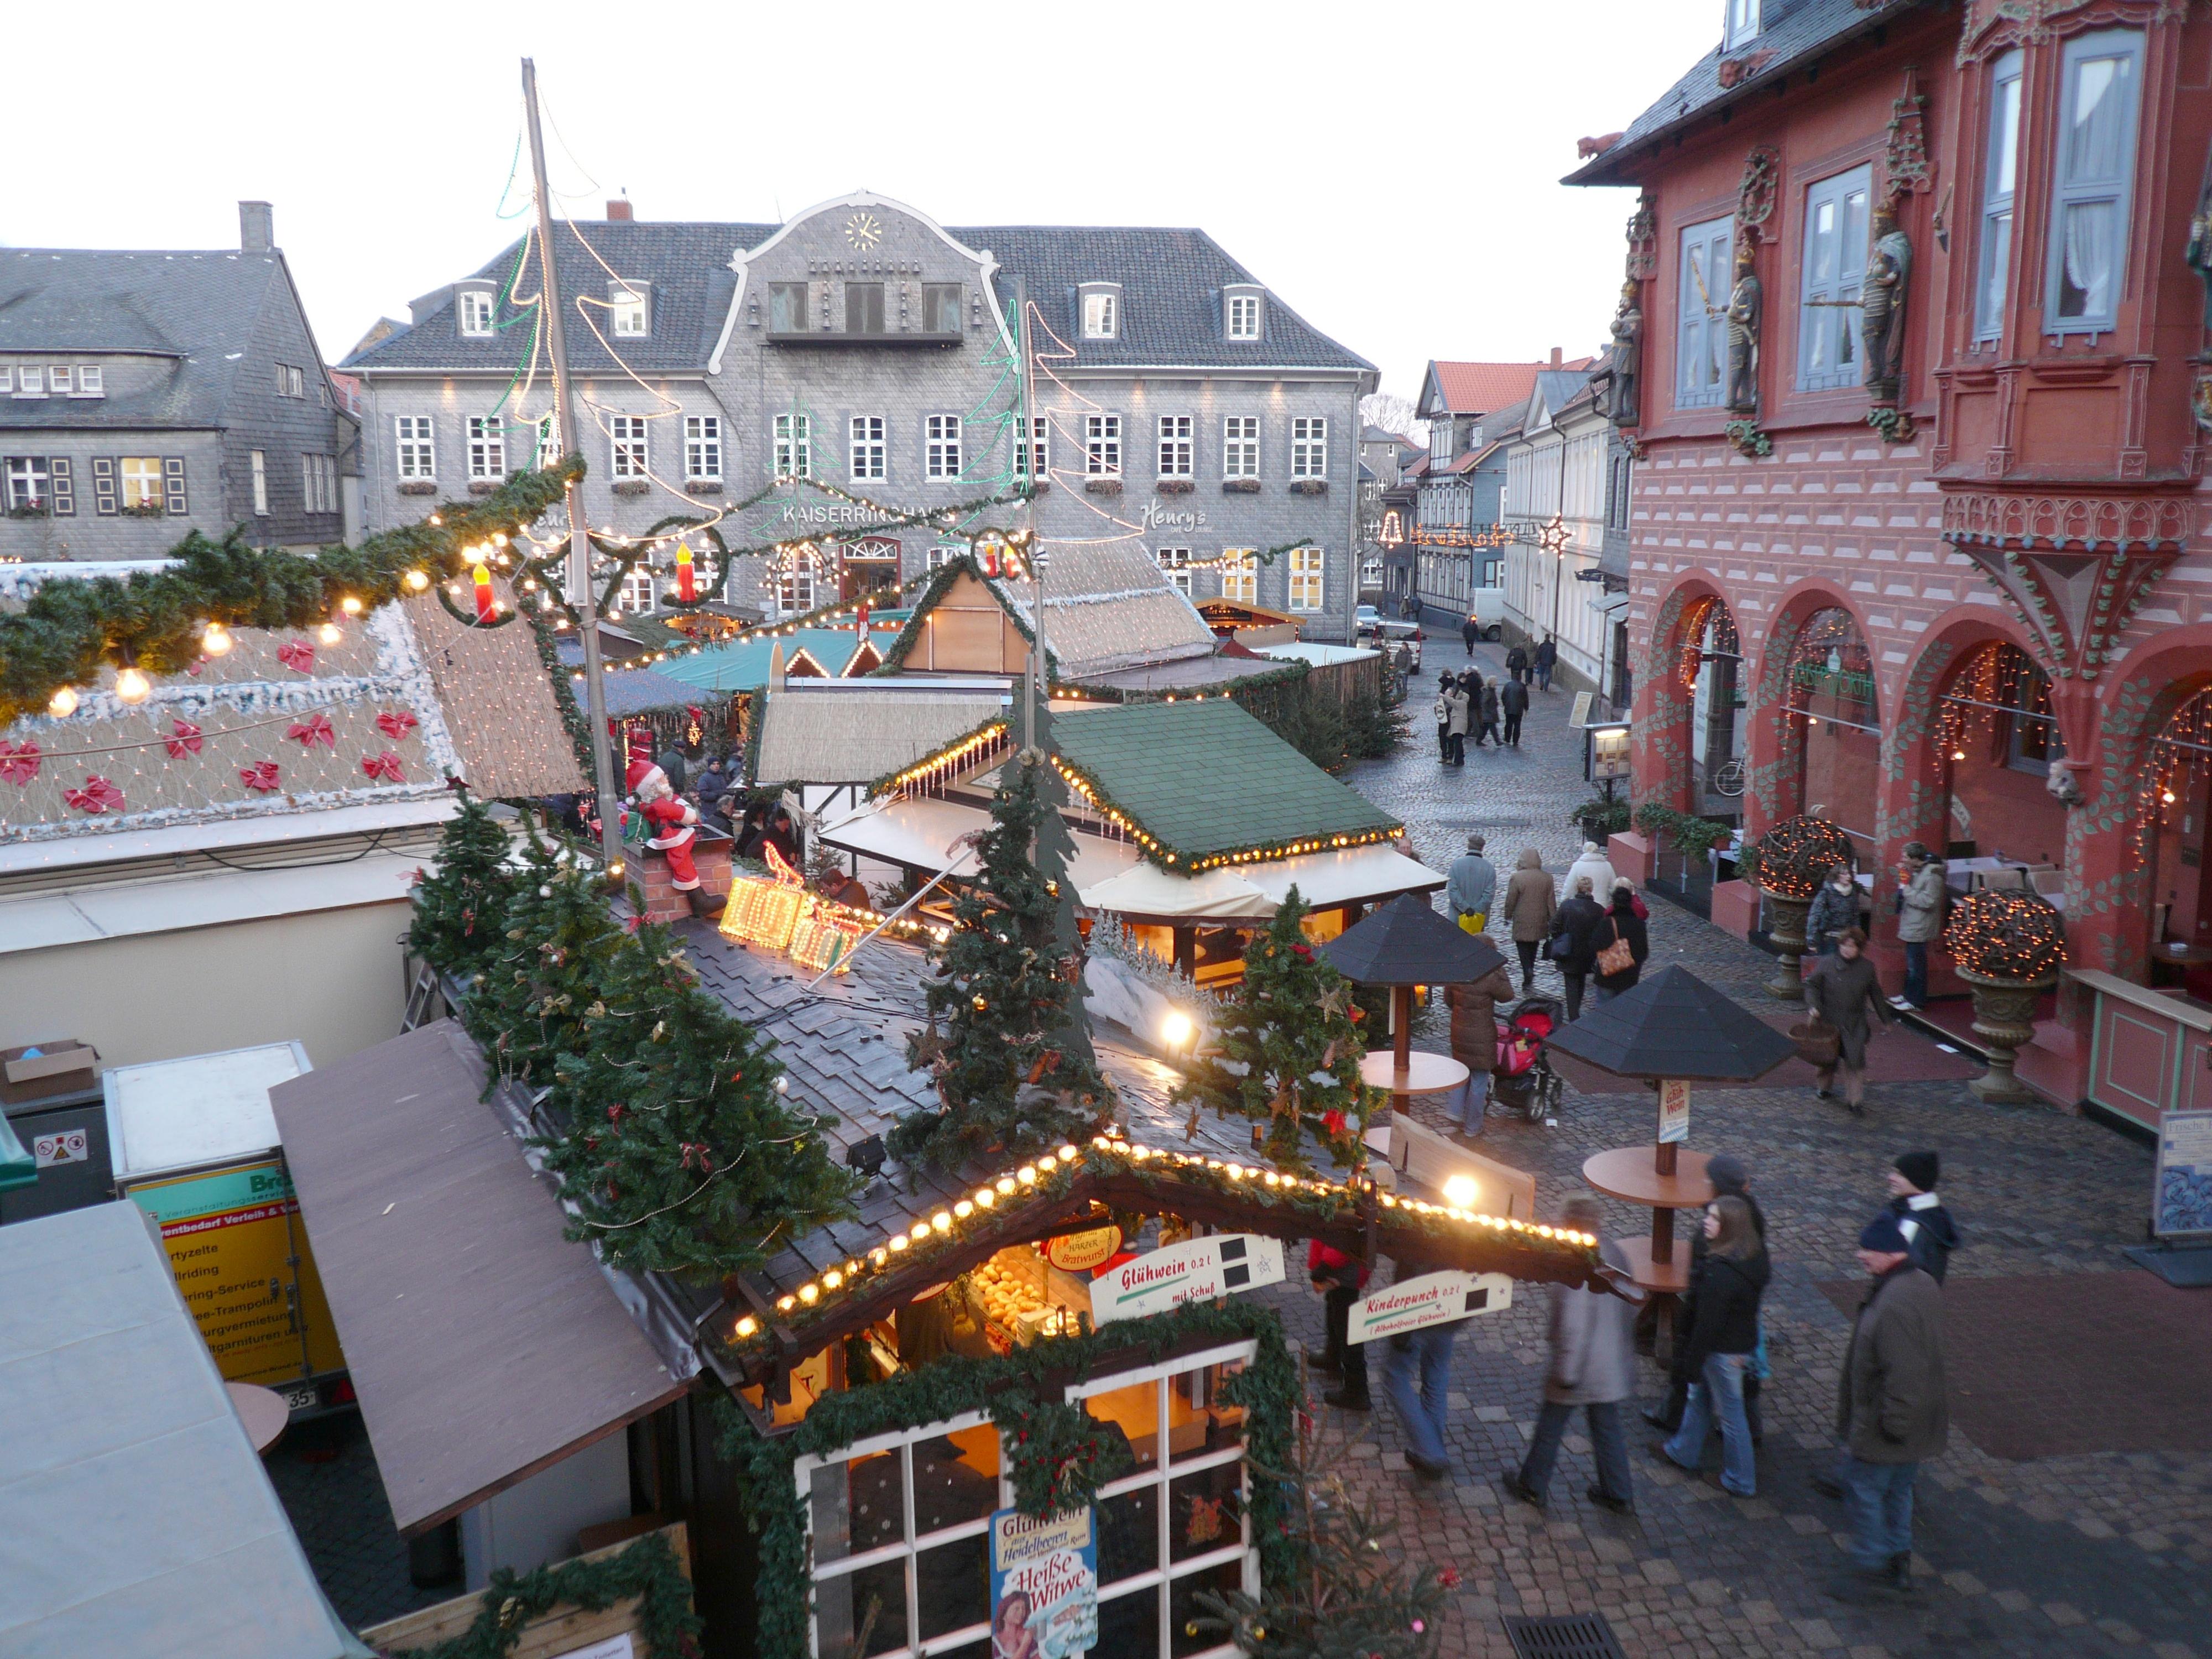 Weihnachtsmarkt Ratzeburg.Datei Goslarweihnachtsmarkt Jpg Wikipedia